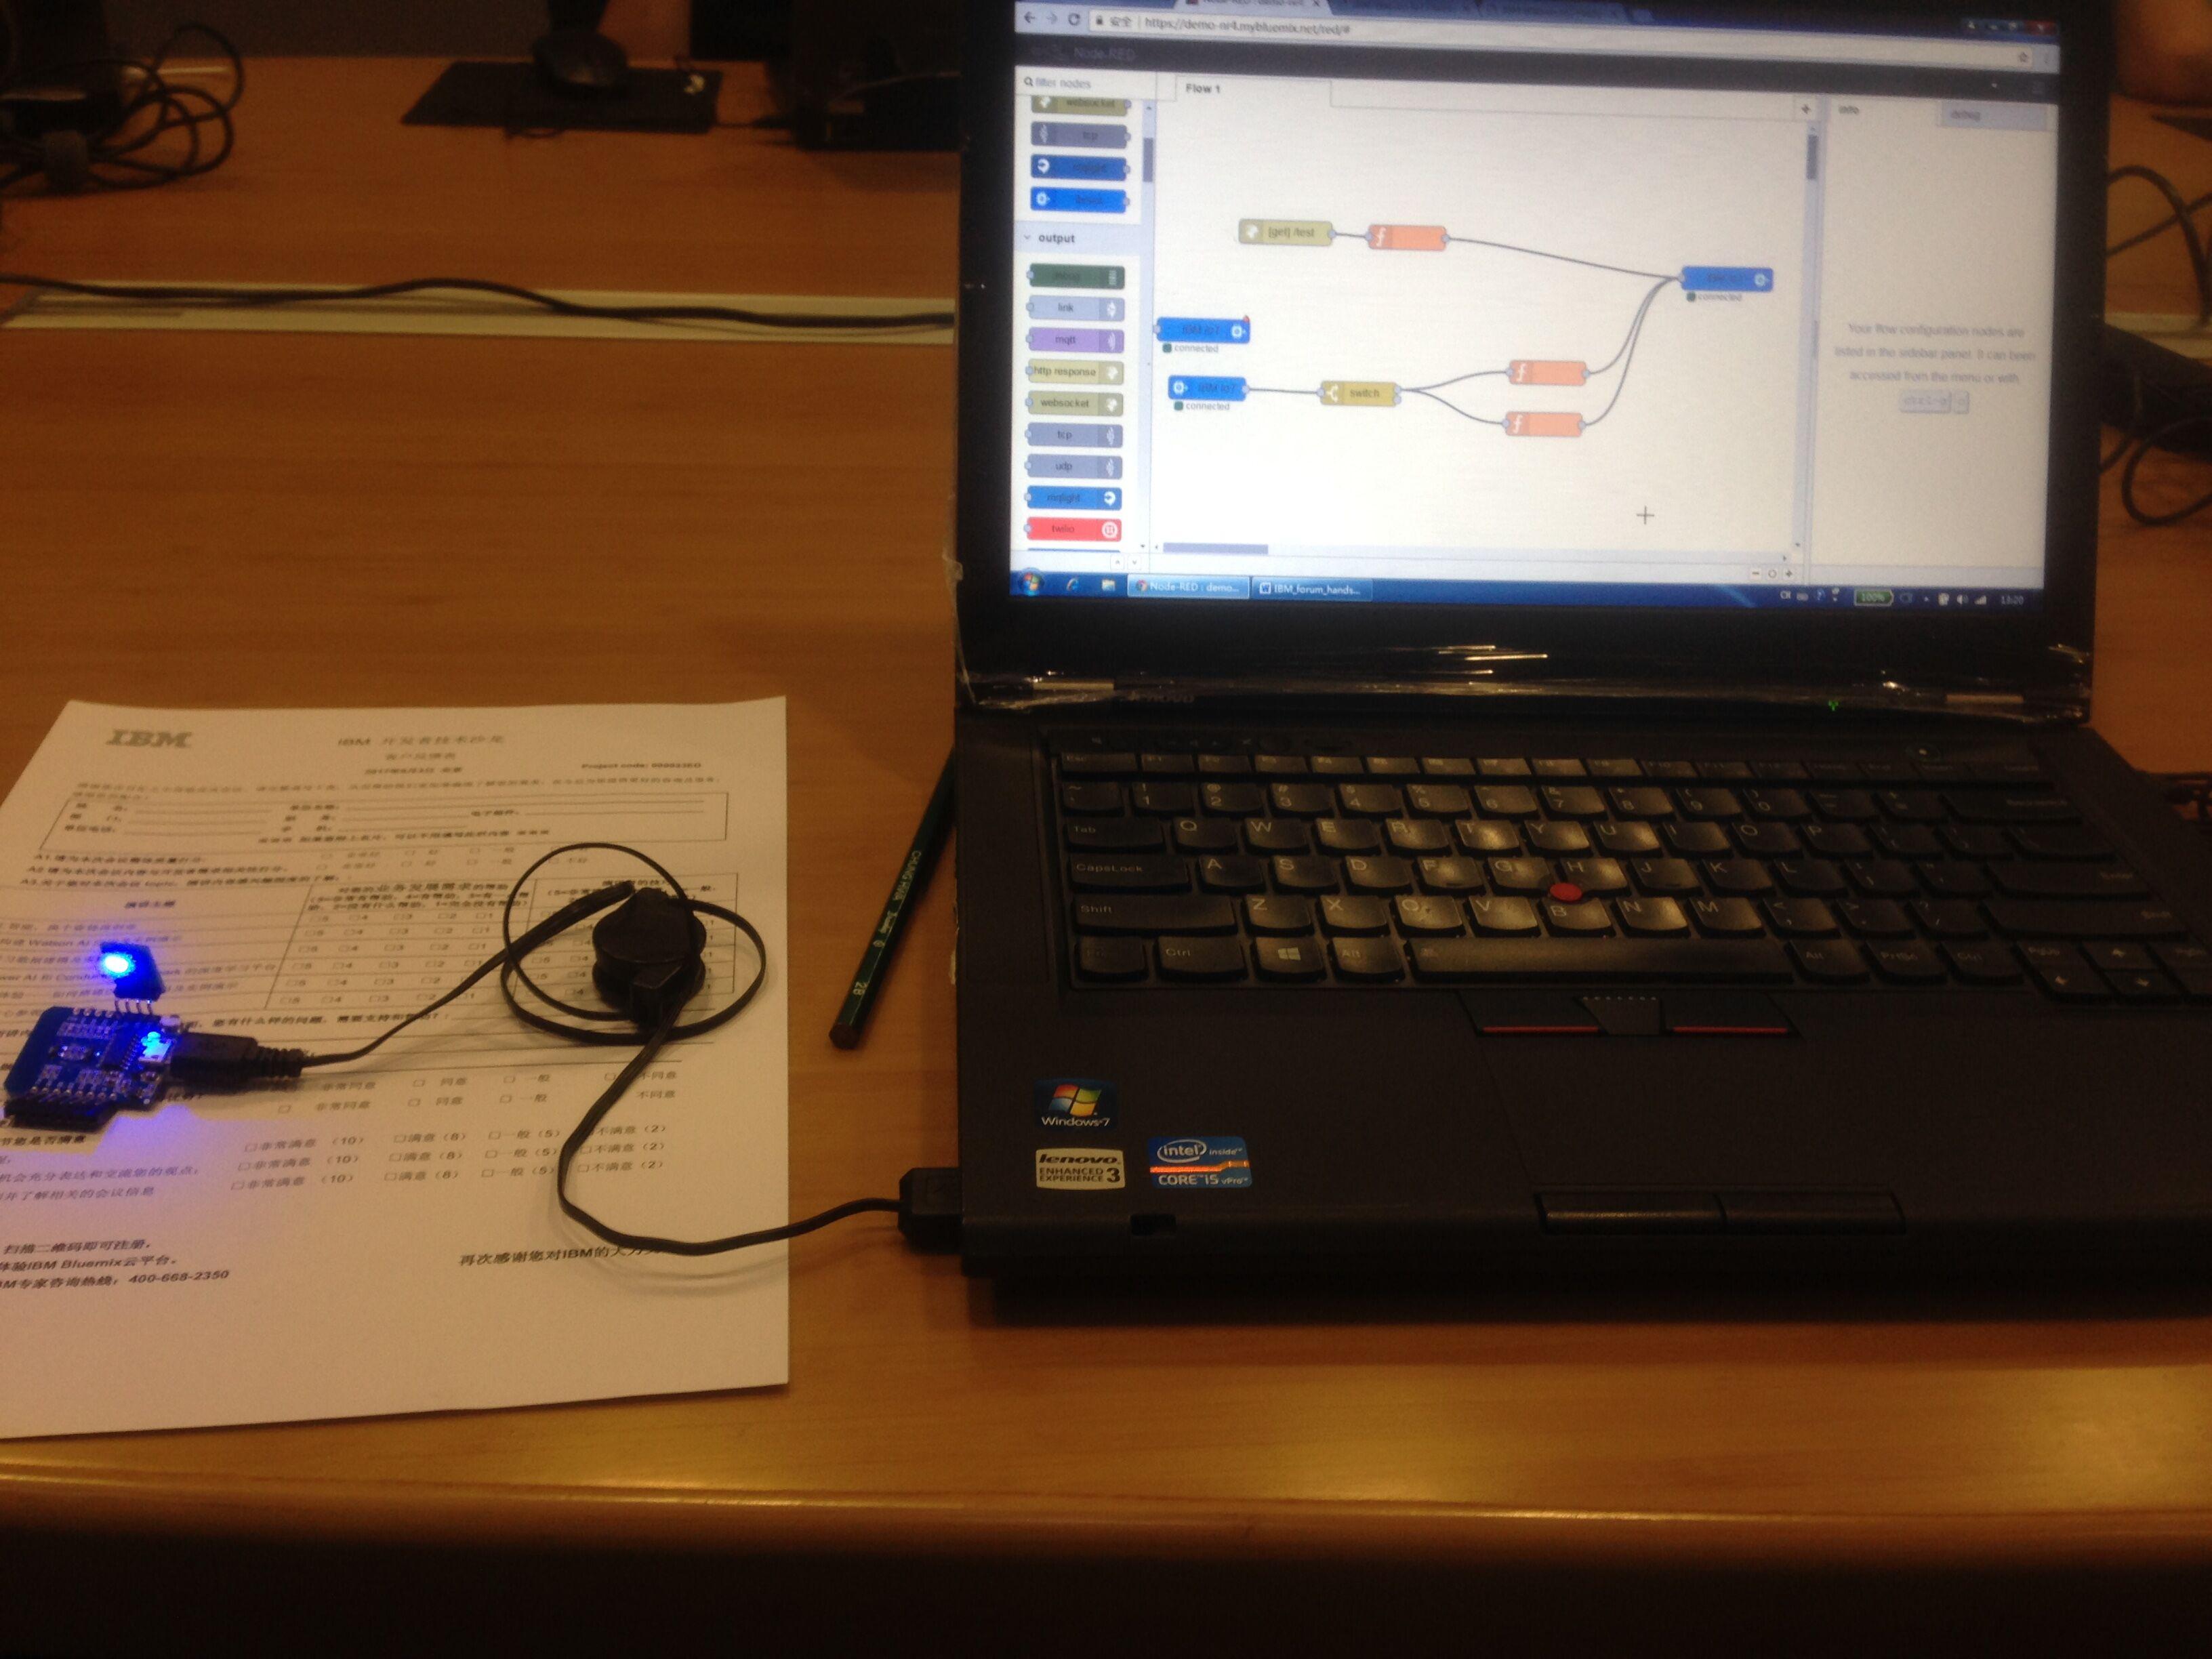 利用IBM的bluemix平台实现简单的led信号灯控制